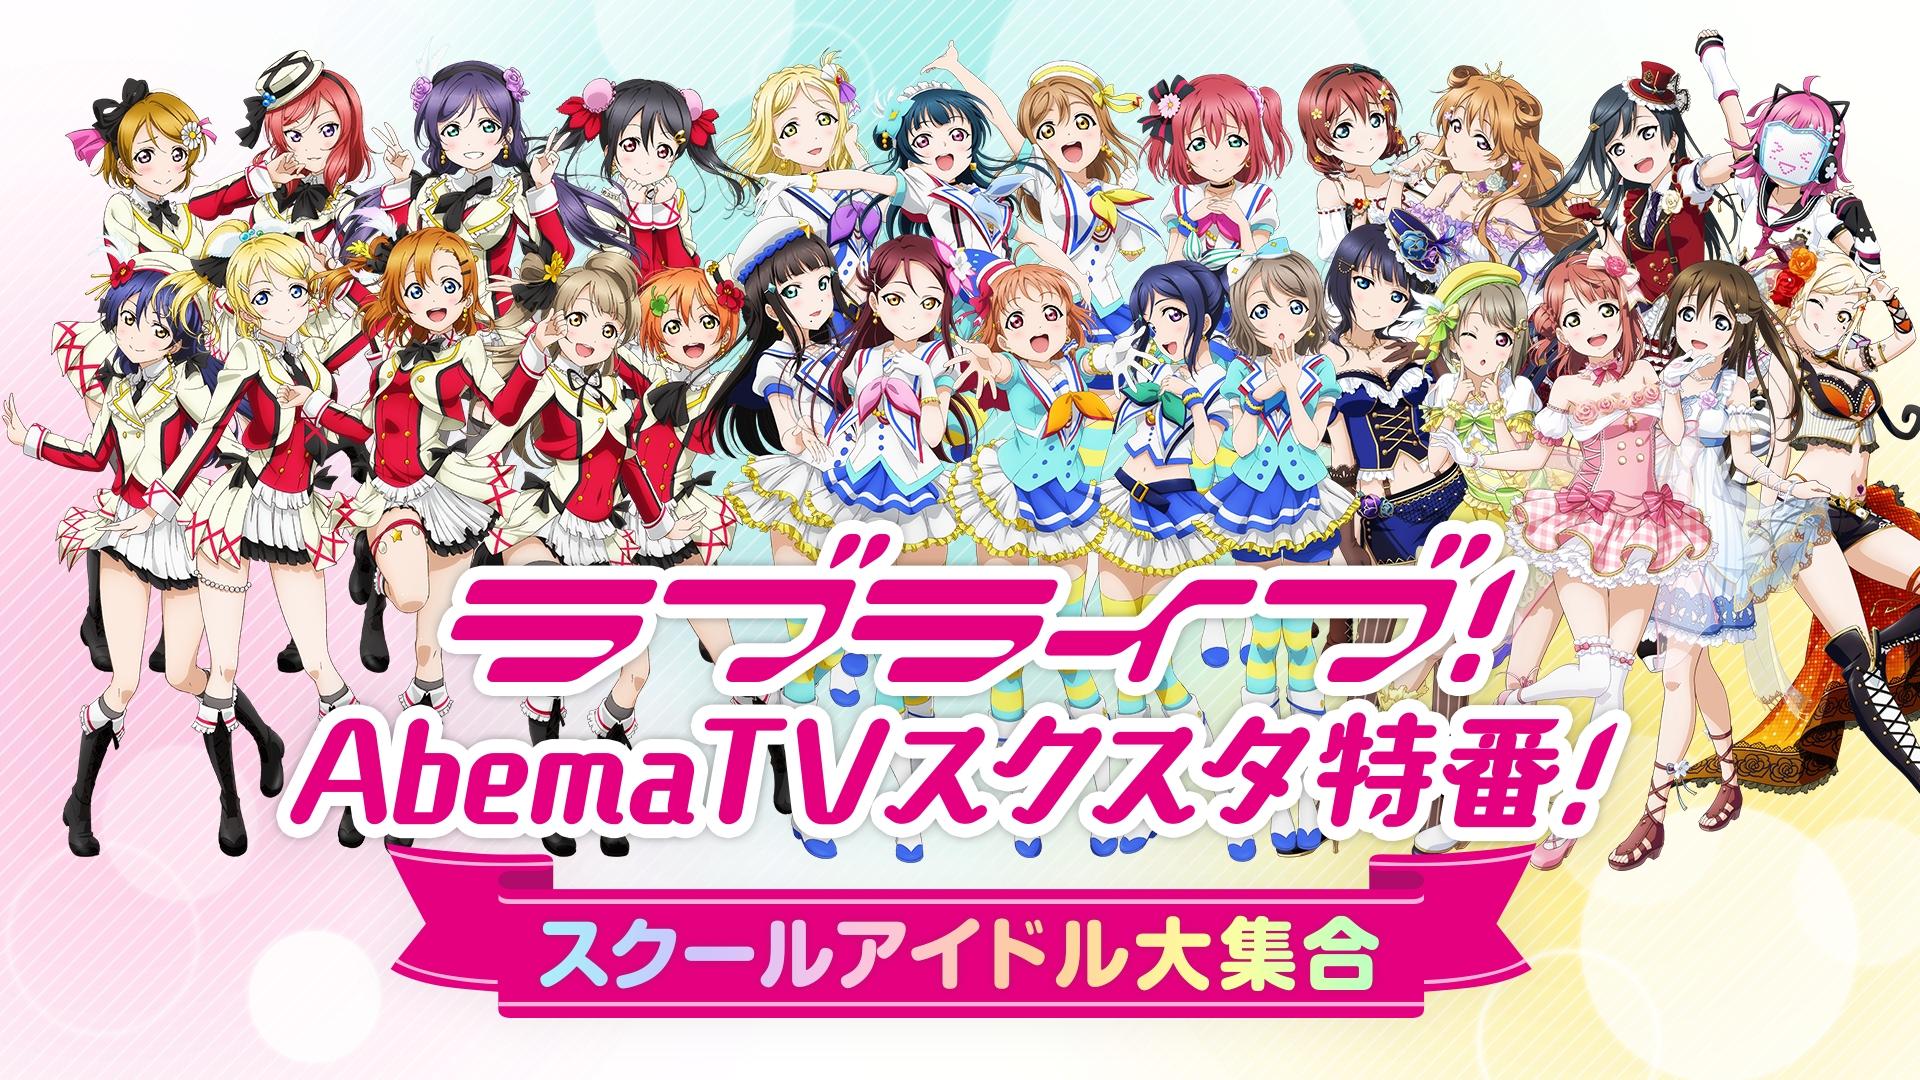 『ラブライブ!AbemaTVスクスタ特番!』番組出演者を追加発表!